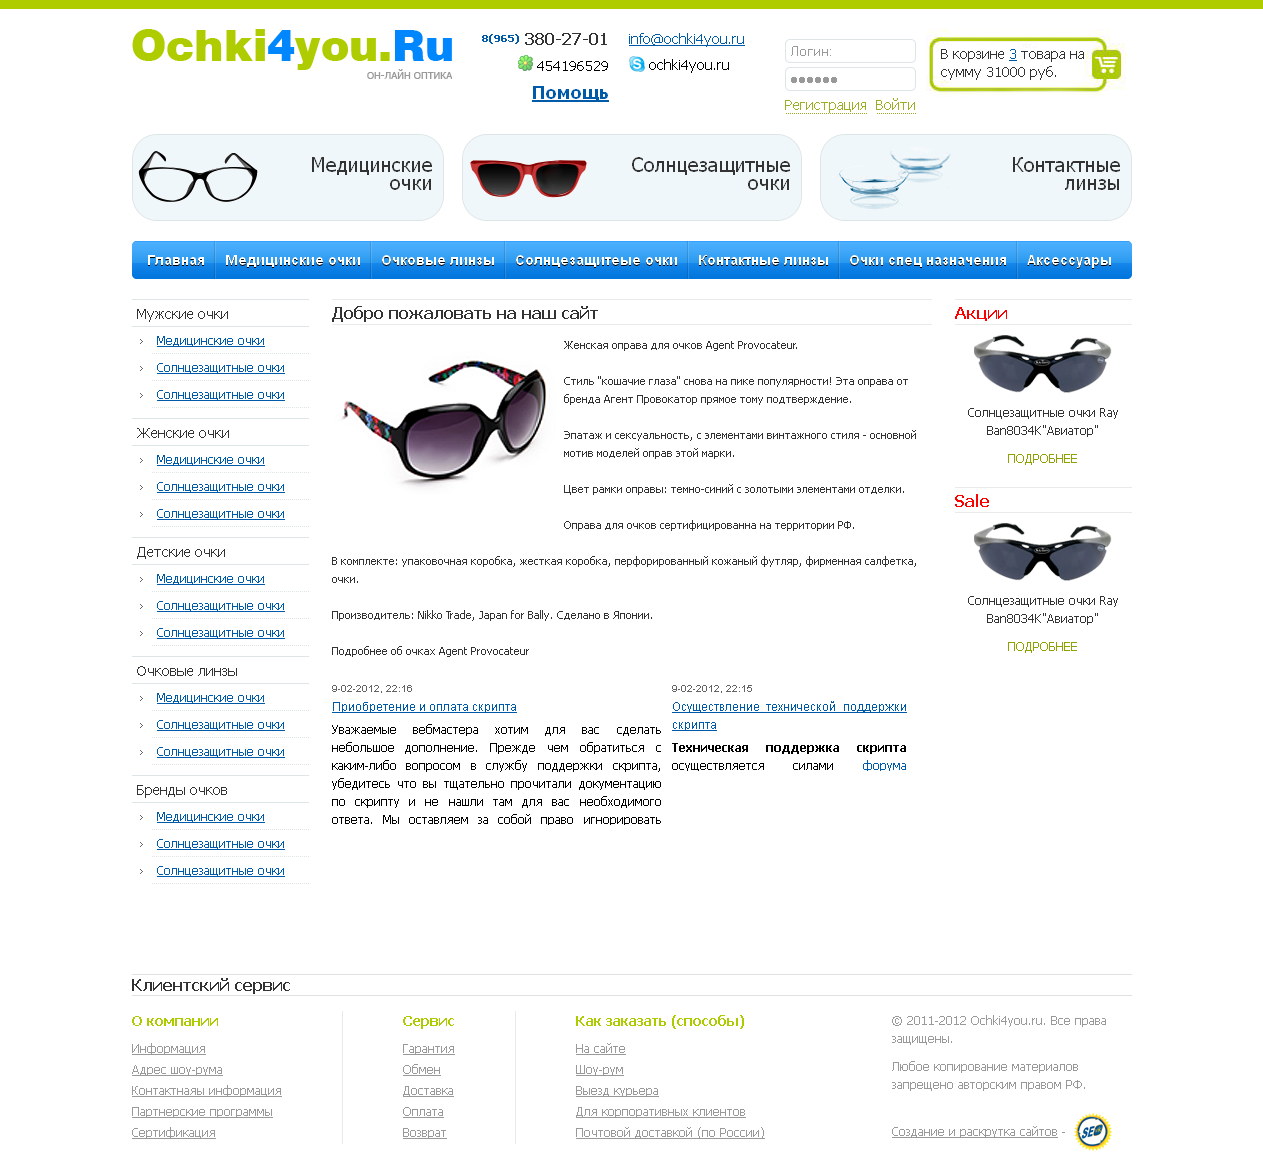 Ochki4you.ru - Очки и Линзы (CMS DLE)